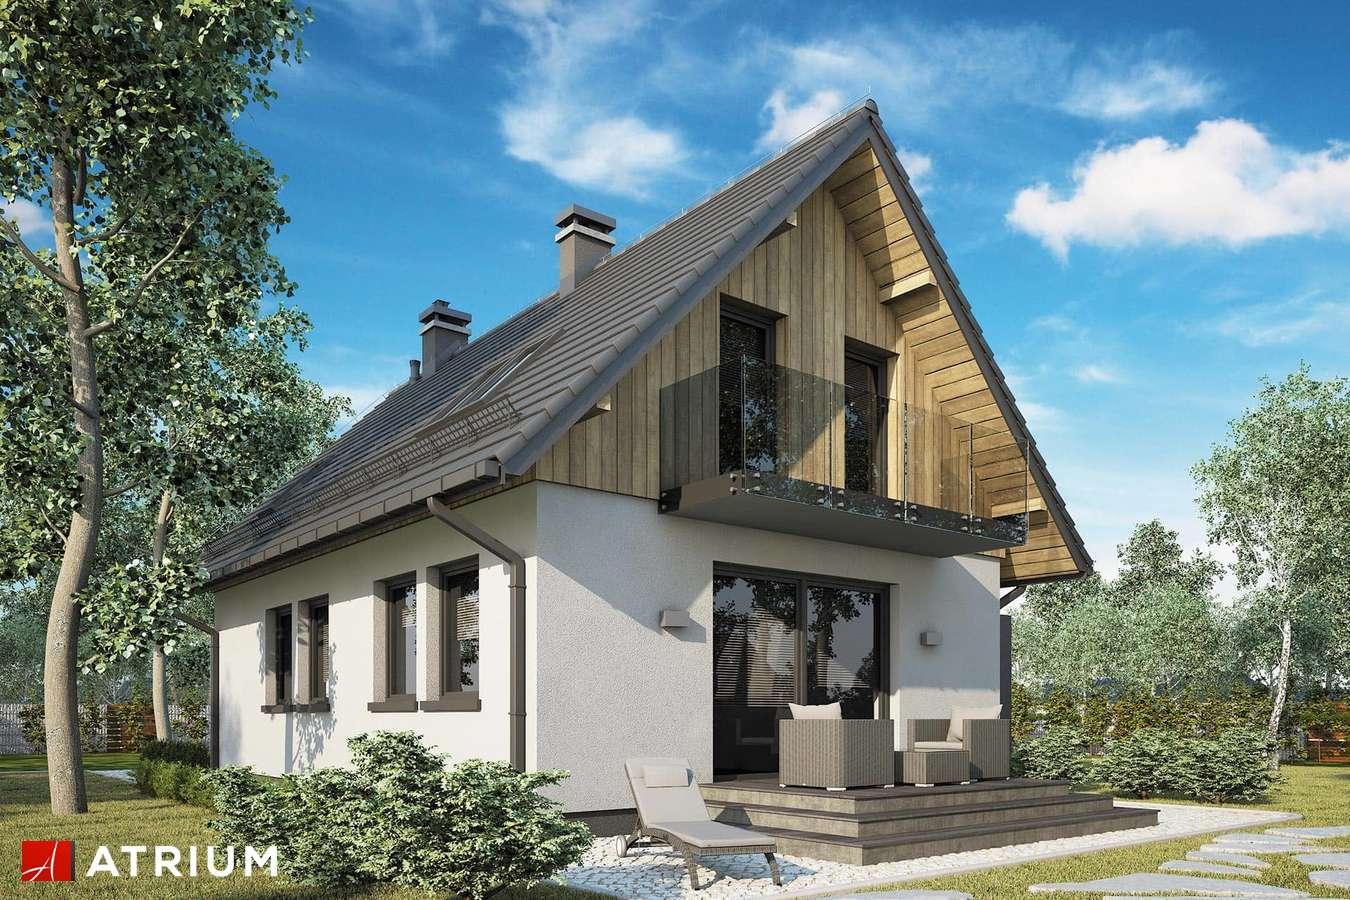 Projekty domów - Projekt domu z poddaszem FILIP - wizualizacja 2 - wersja lustrzana